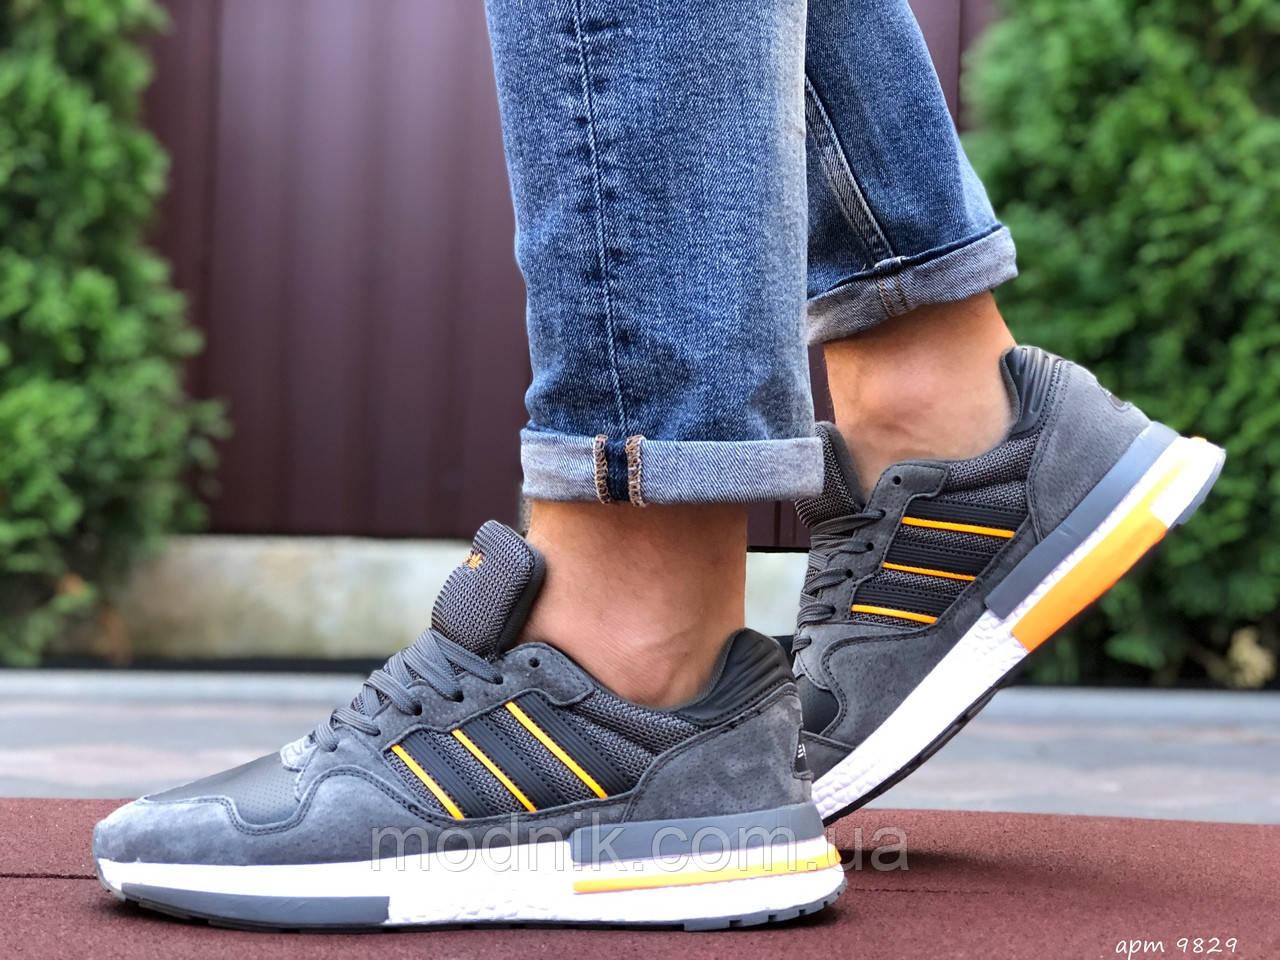 Мужские кроссовки Adidas Zx 500 Rm (серо-белые) 9829